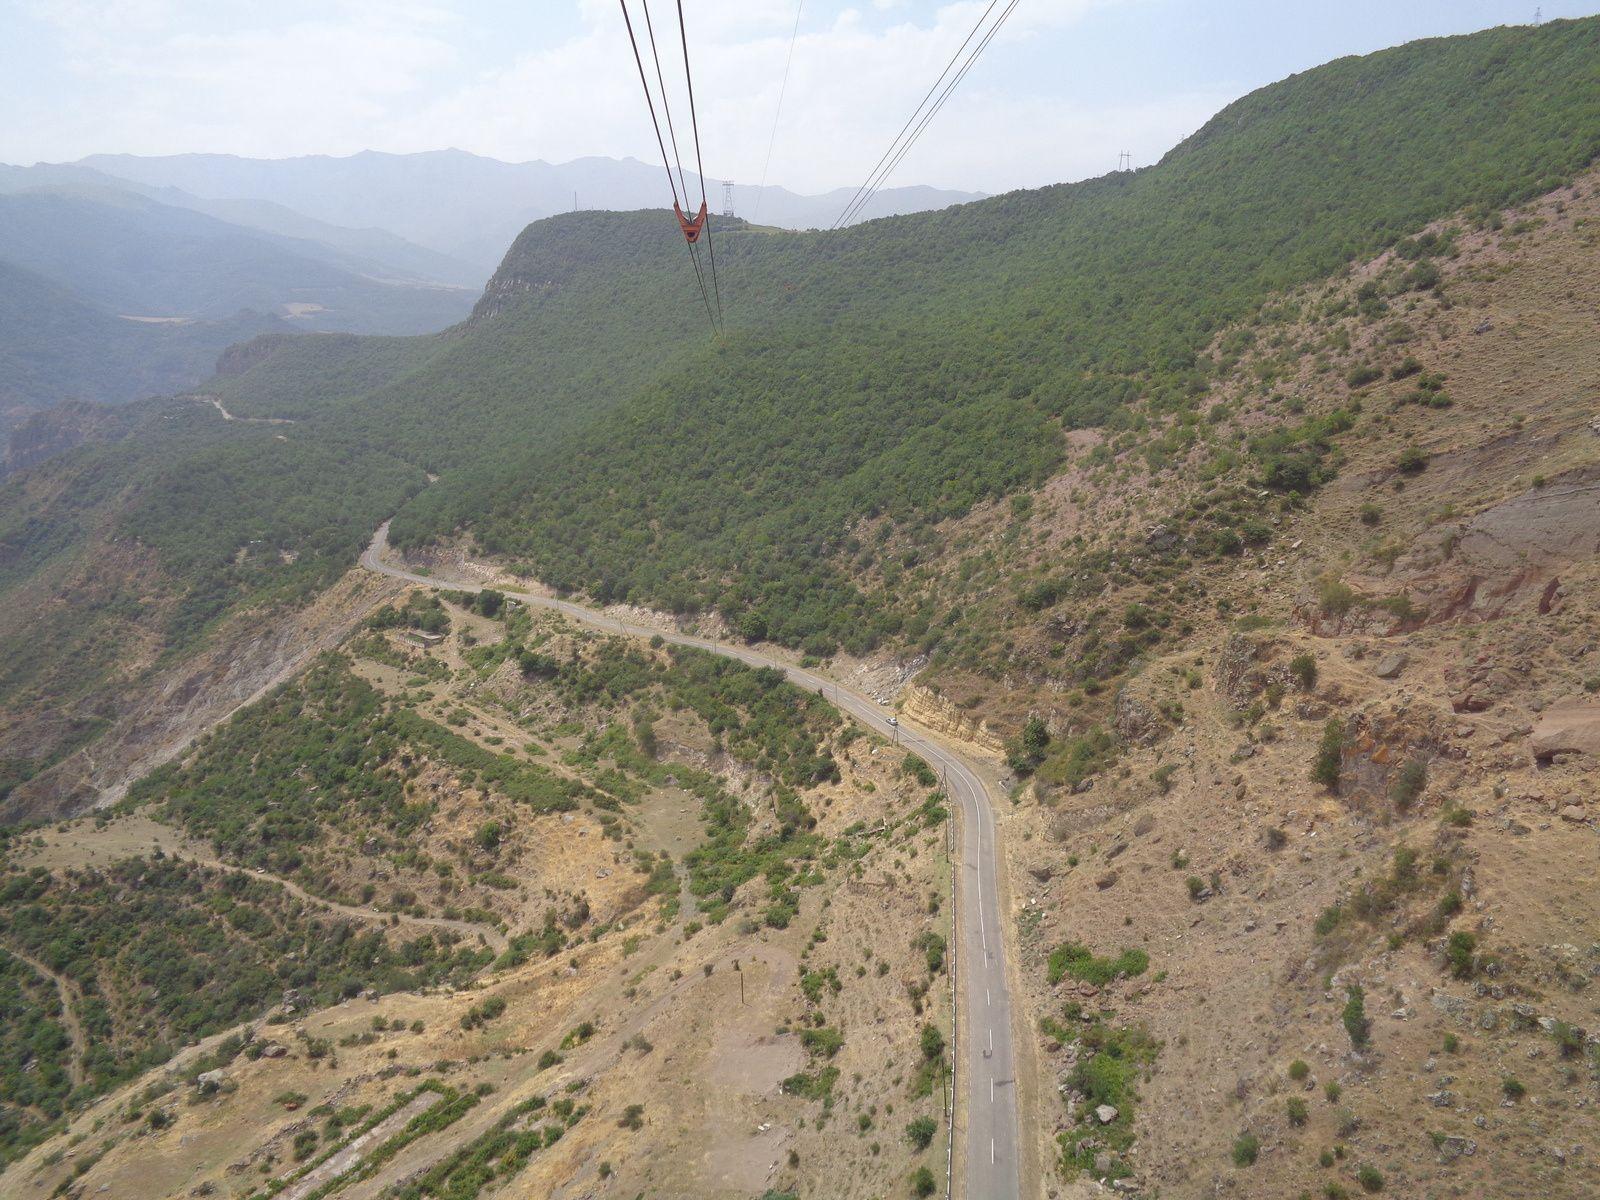 Arménie 2018 - Région du Syunik : le téléphérique le plus long du monde